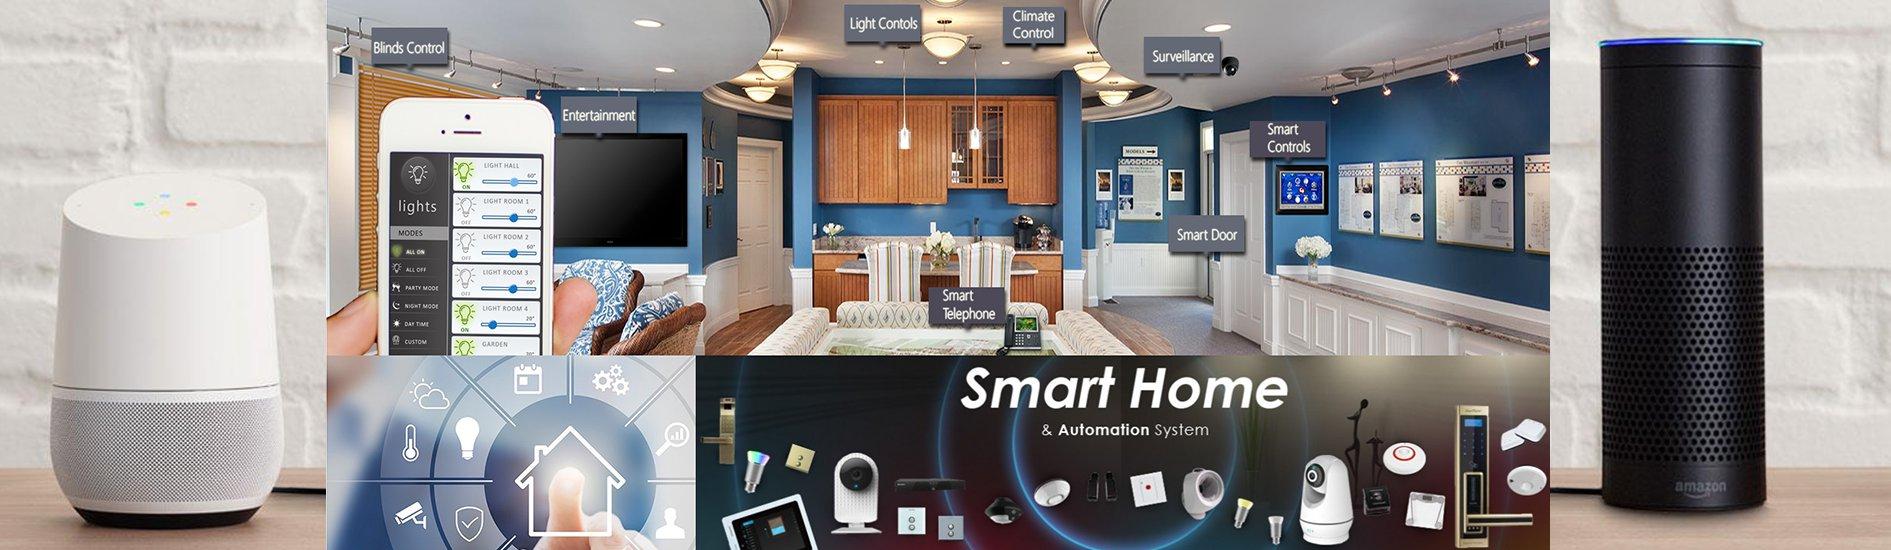 Thiet bị nhà thông minh smart home devices IoT devices